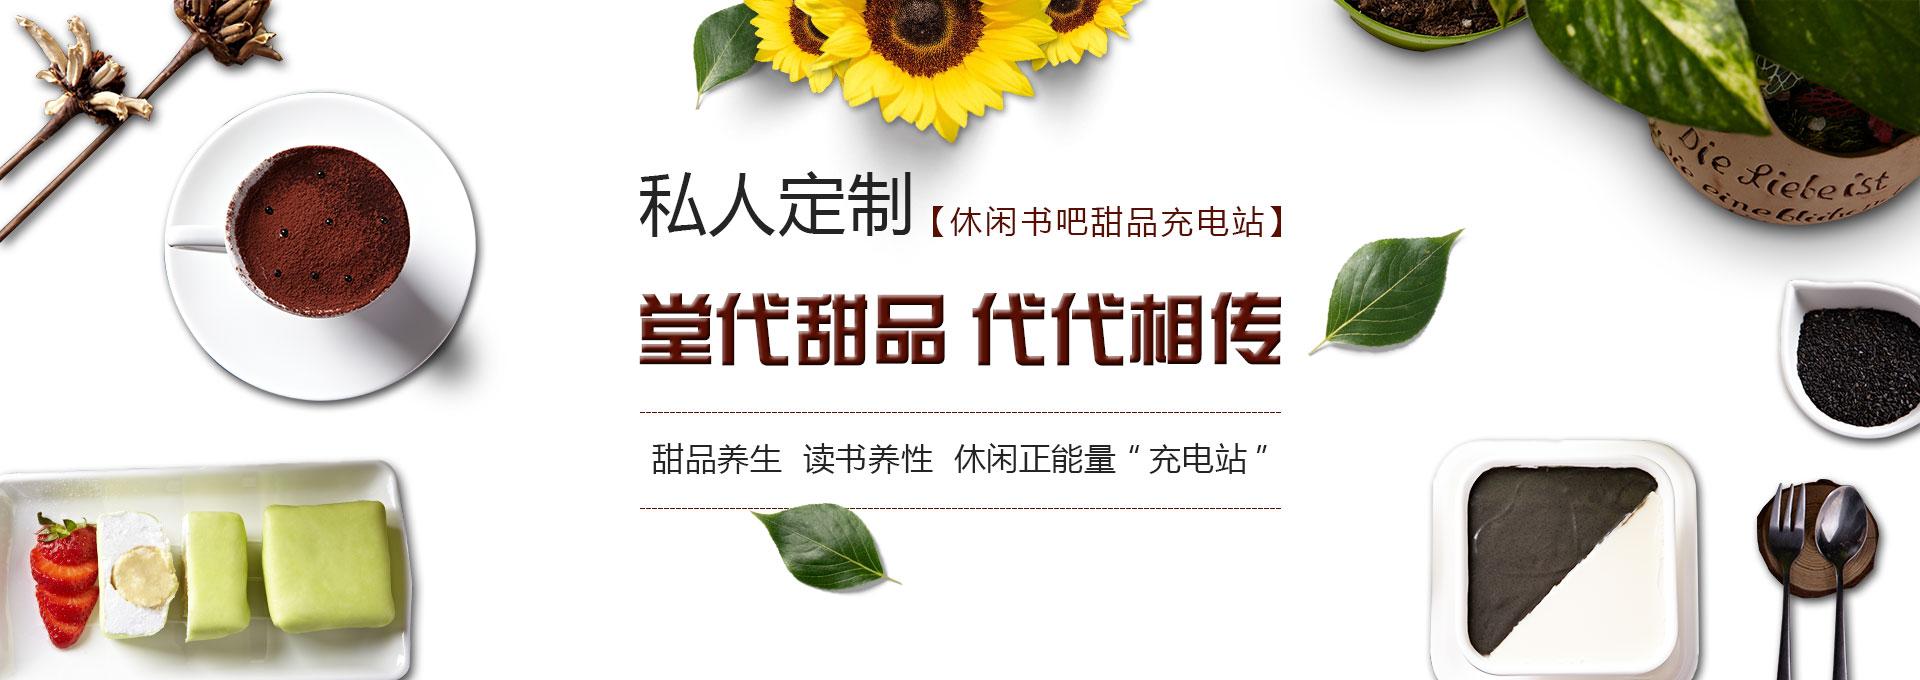 堂代甜品口号_昌启餐饮甜品加盟